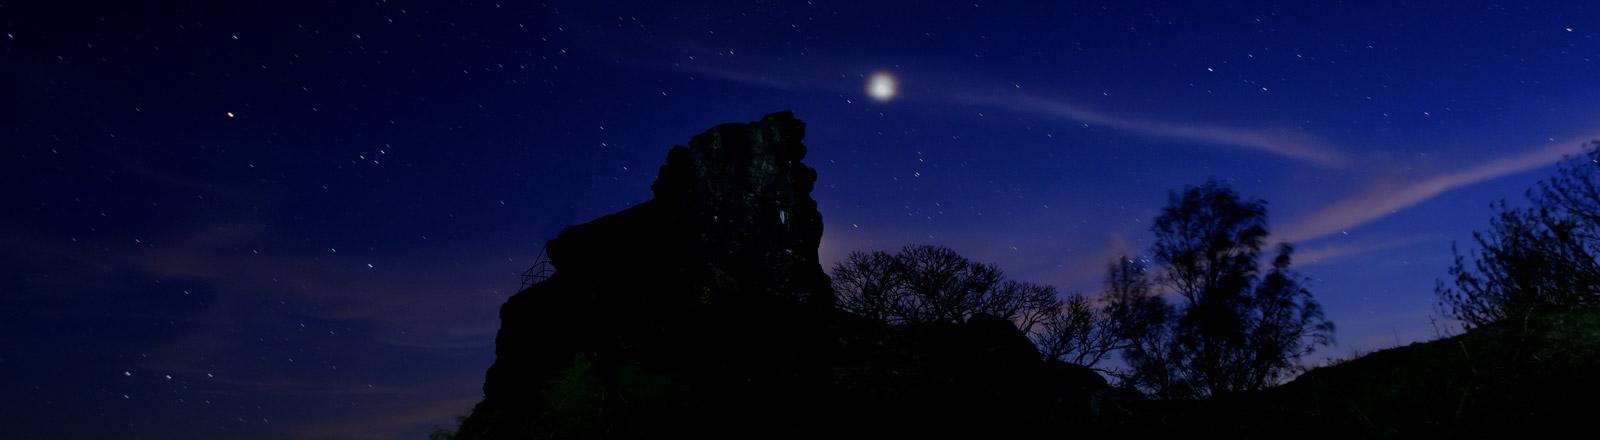 Ein Nachthimmel mit Sternen